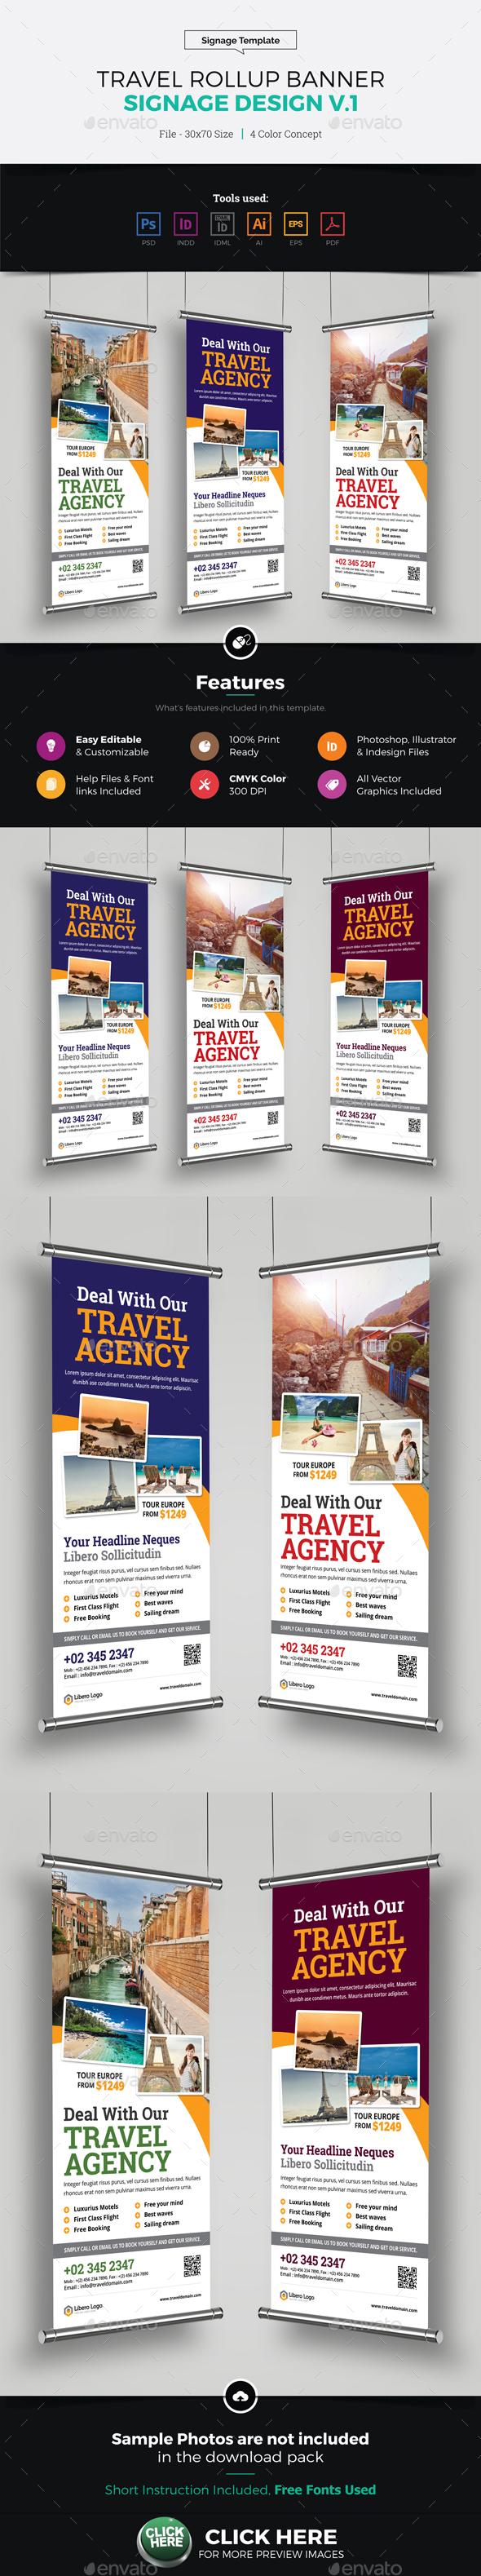 Travel Rollup Banner Signage Design v1 - Signage Print Templates